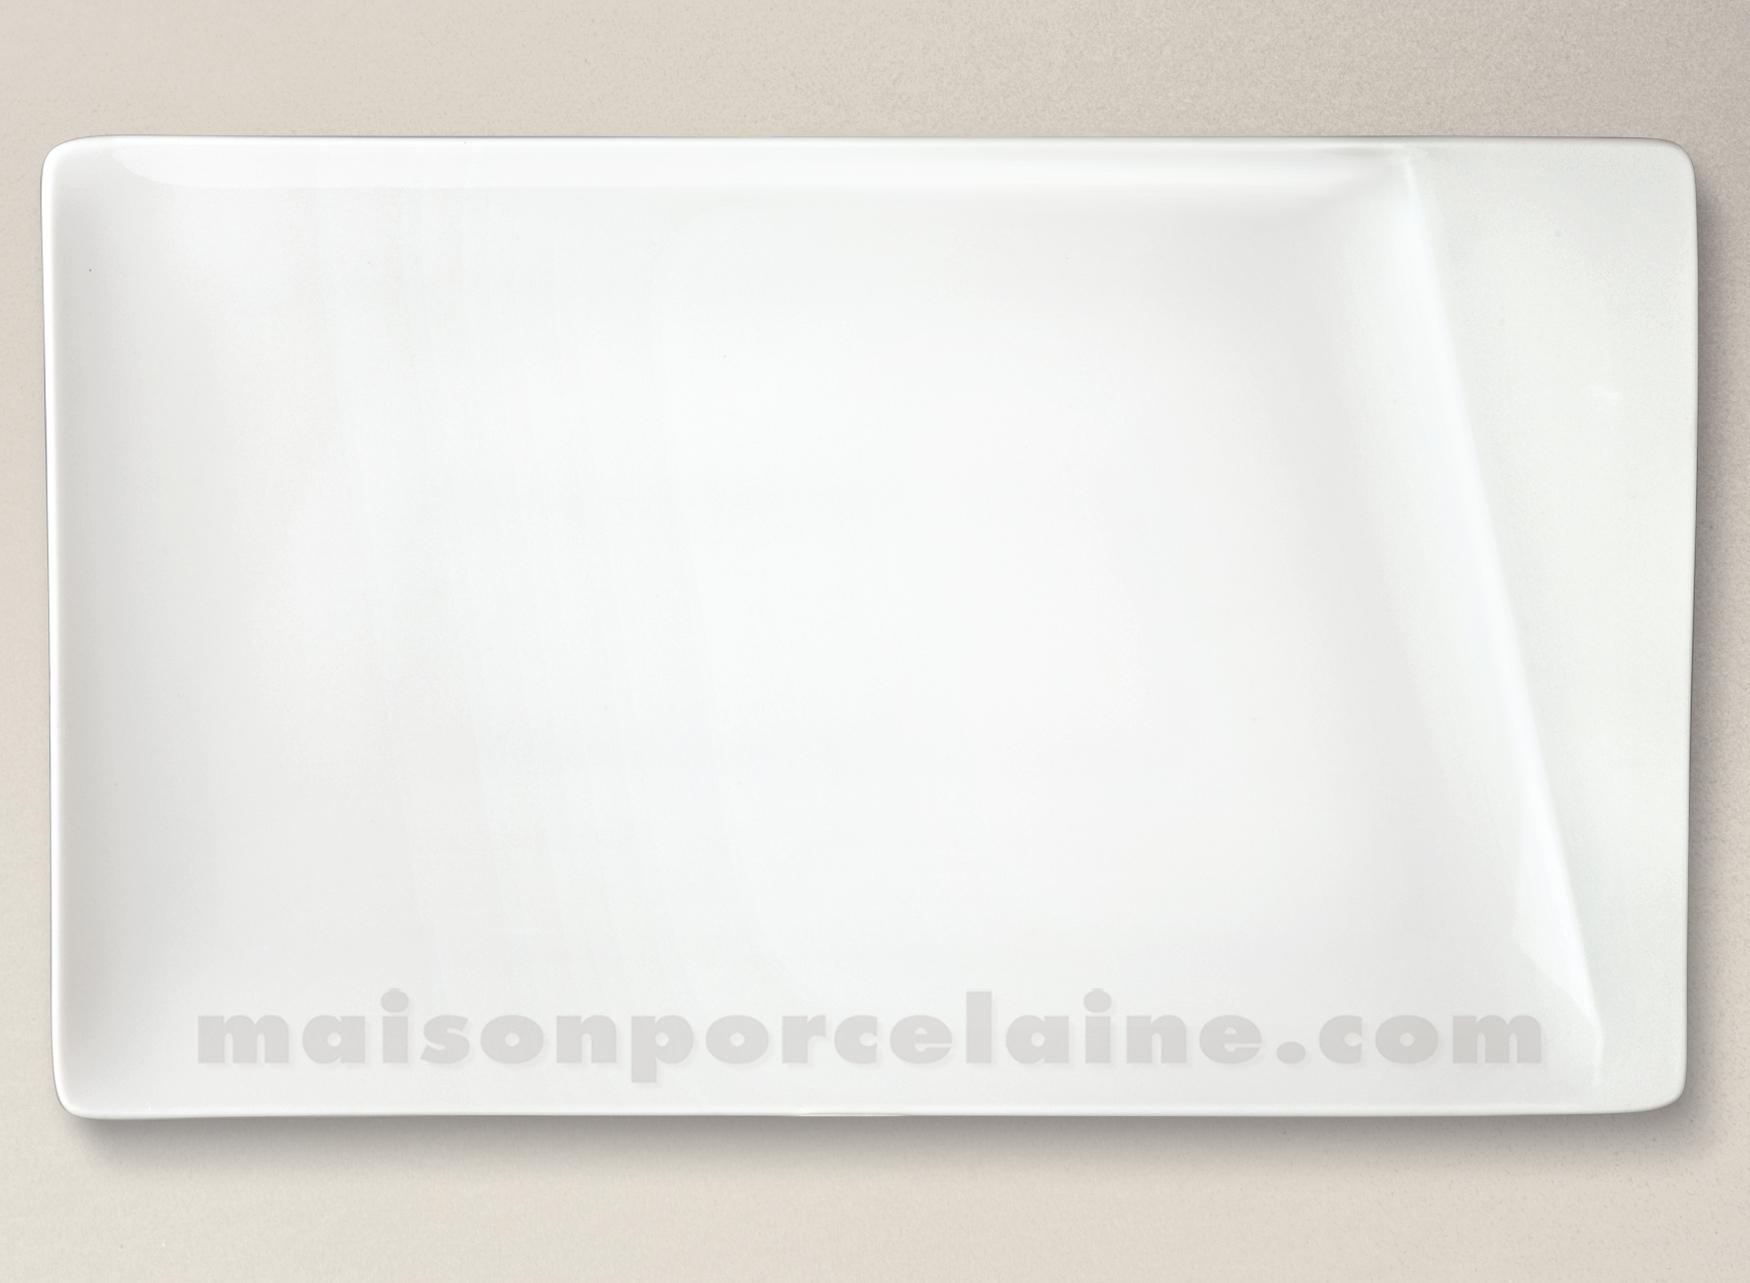 plat assiette rectangulaire porcelaine blanche kheops 35x21cm maison de la porcelaine. Black Bedroom Furniture Sets. Home Design Ideas